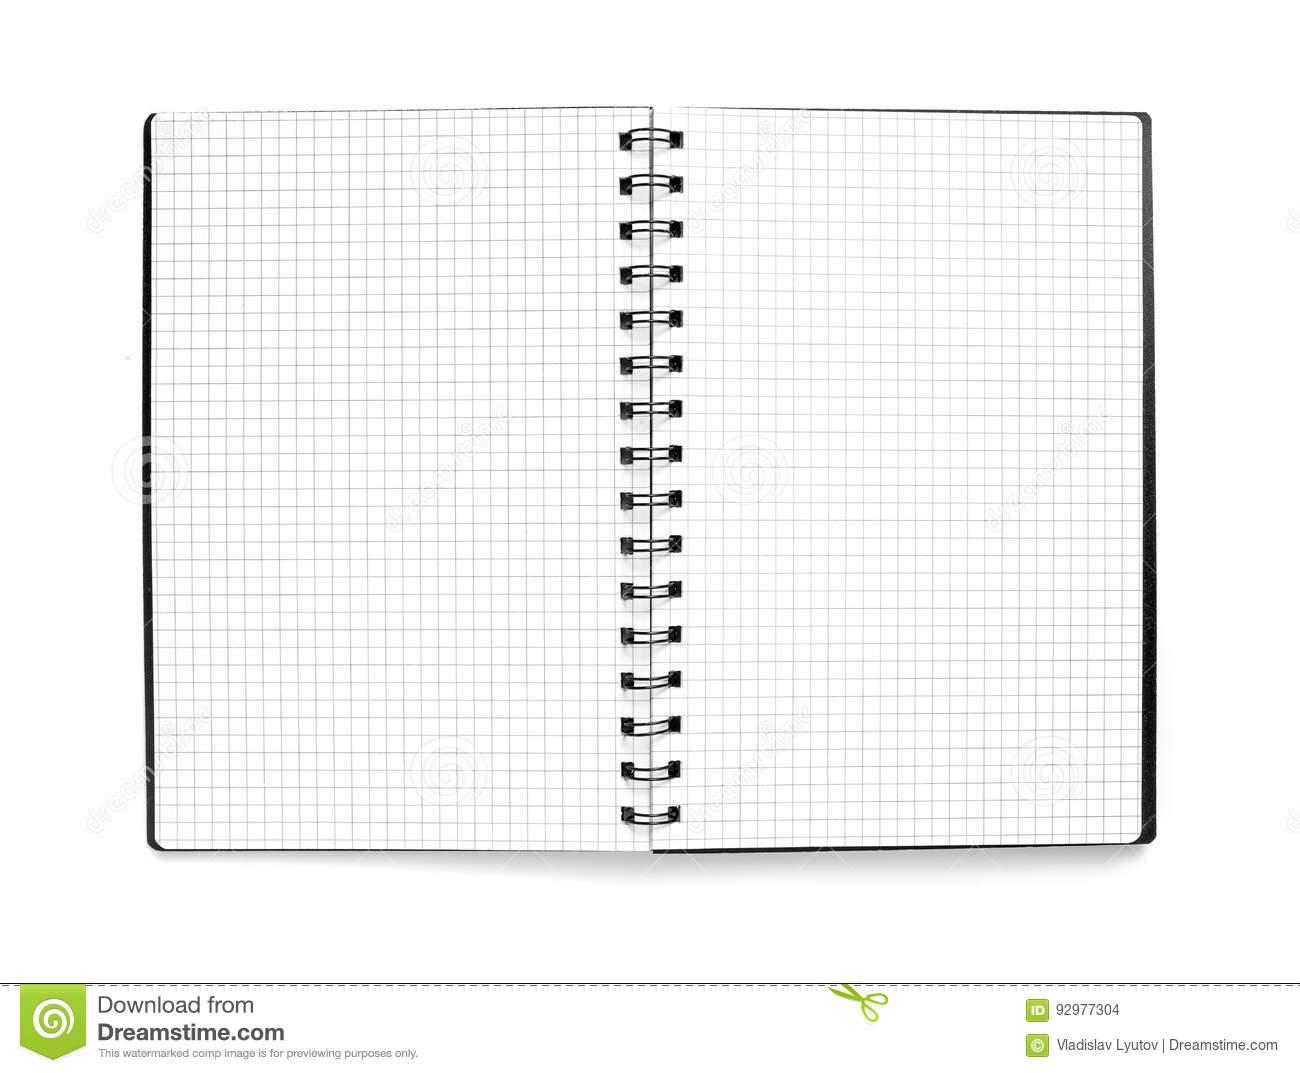 Schwarzer Notizblock Mit Karierte Blätter Auf Weißem bei Karierte Blätter